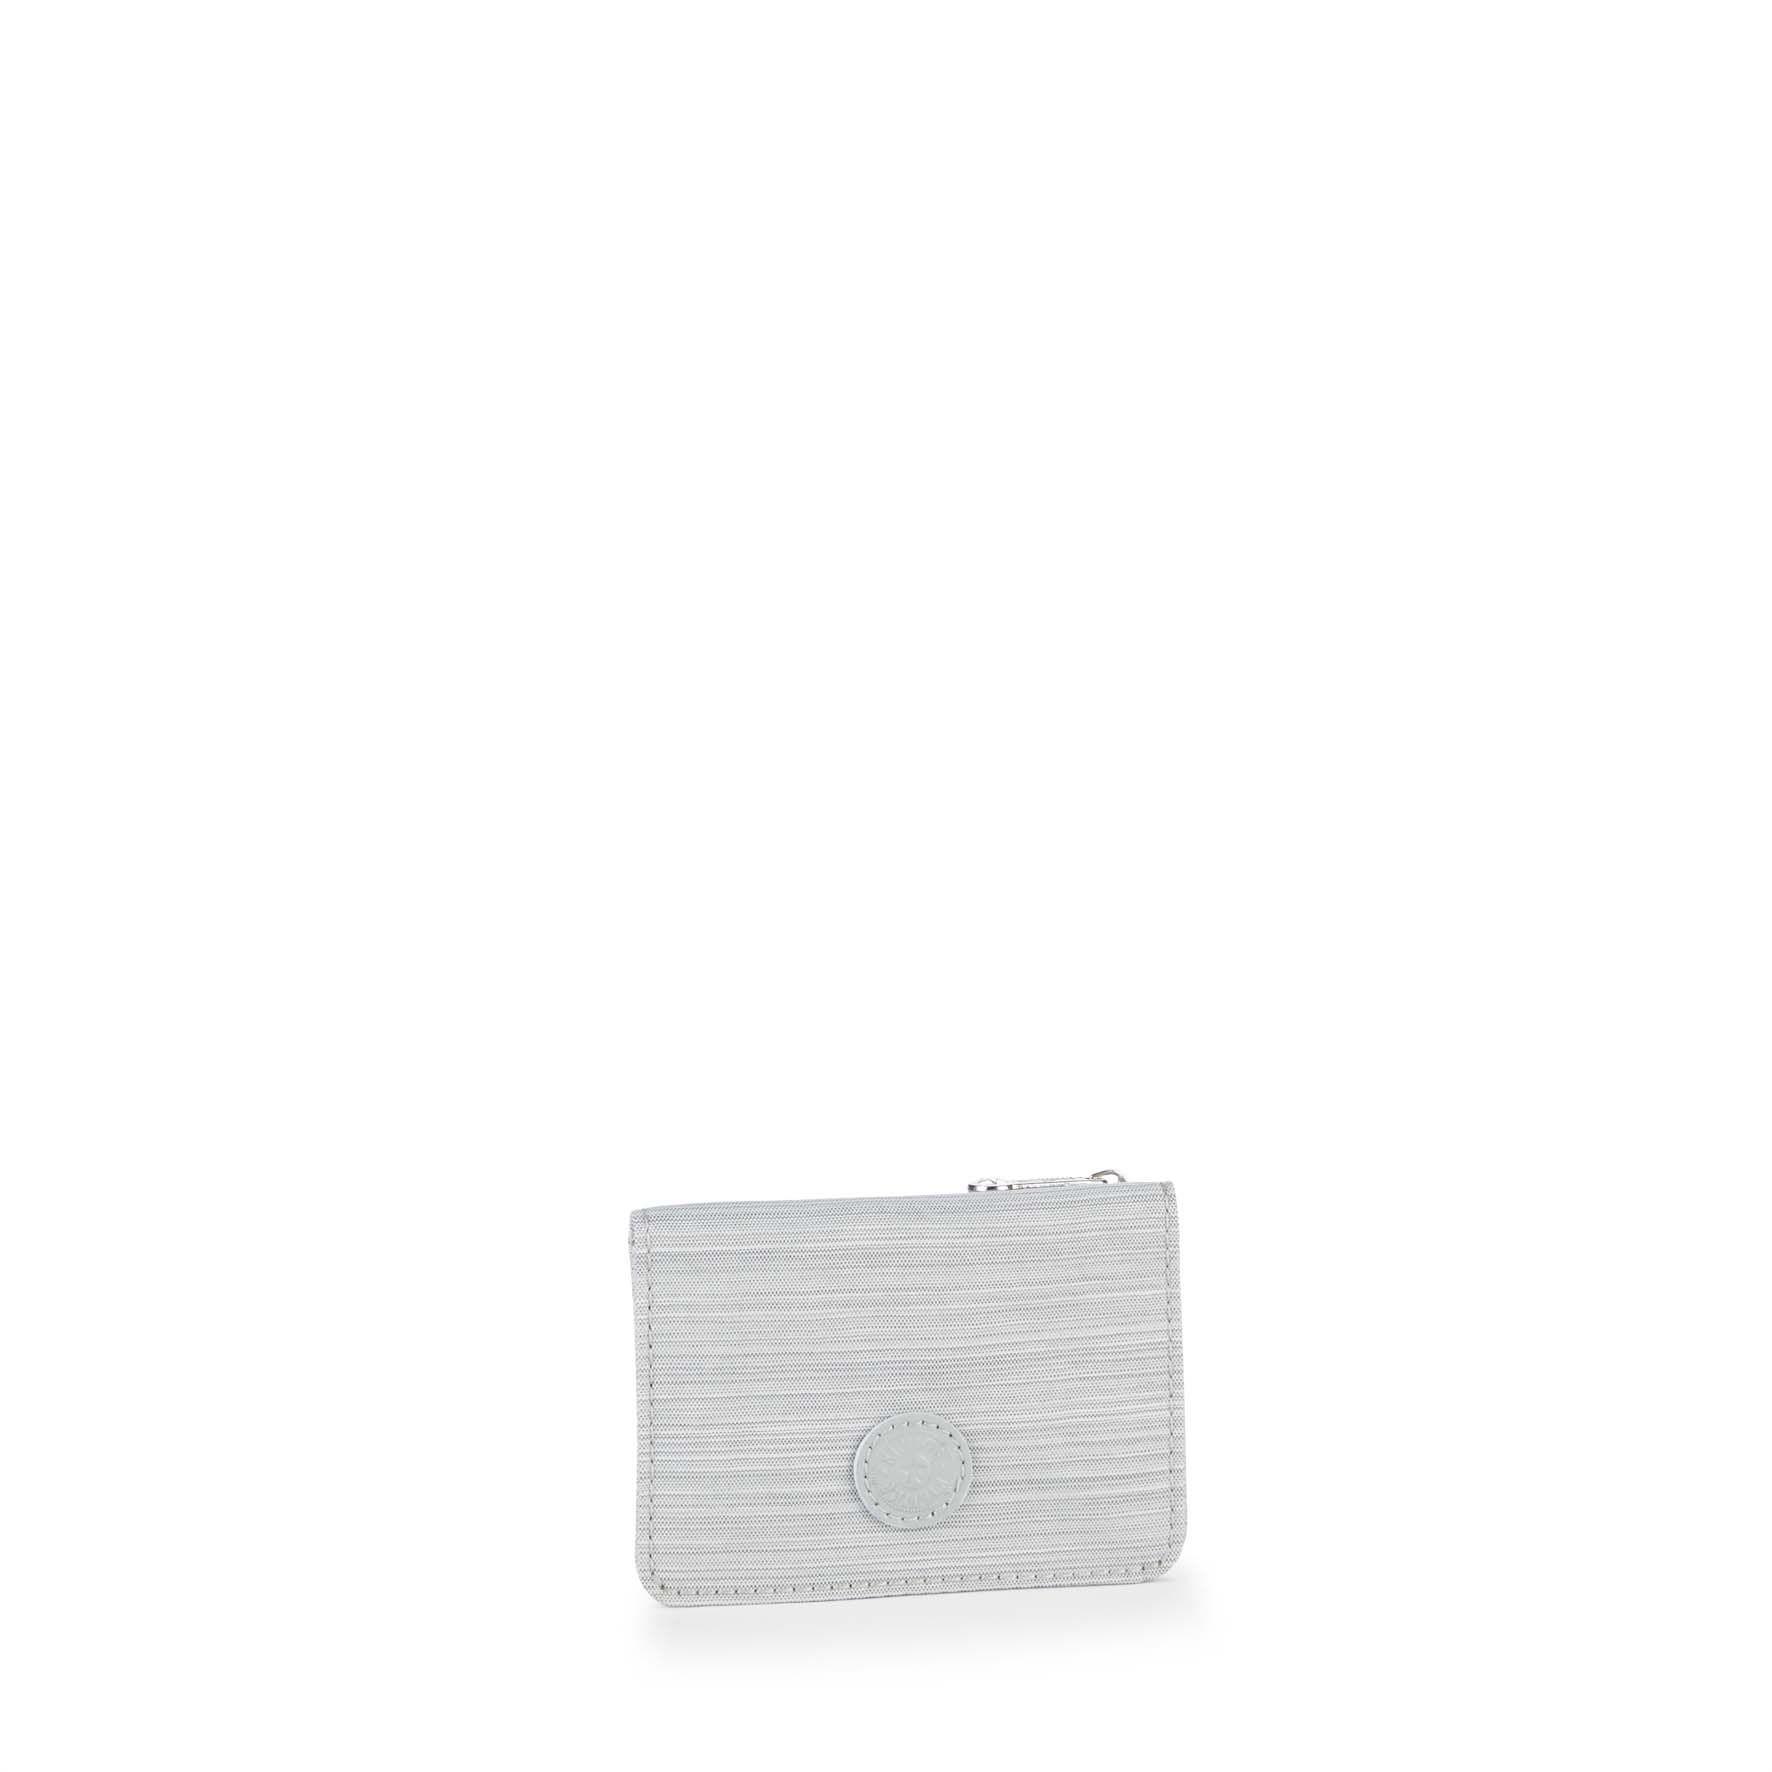 ארנק קטן Alethea - Dazz Greyהדפס אפור